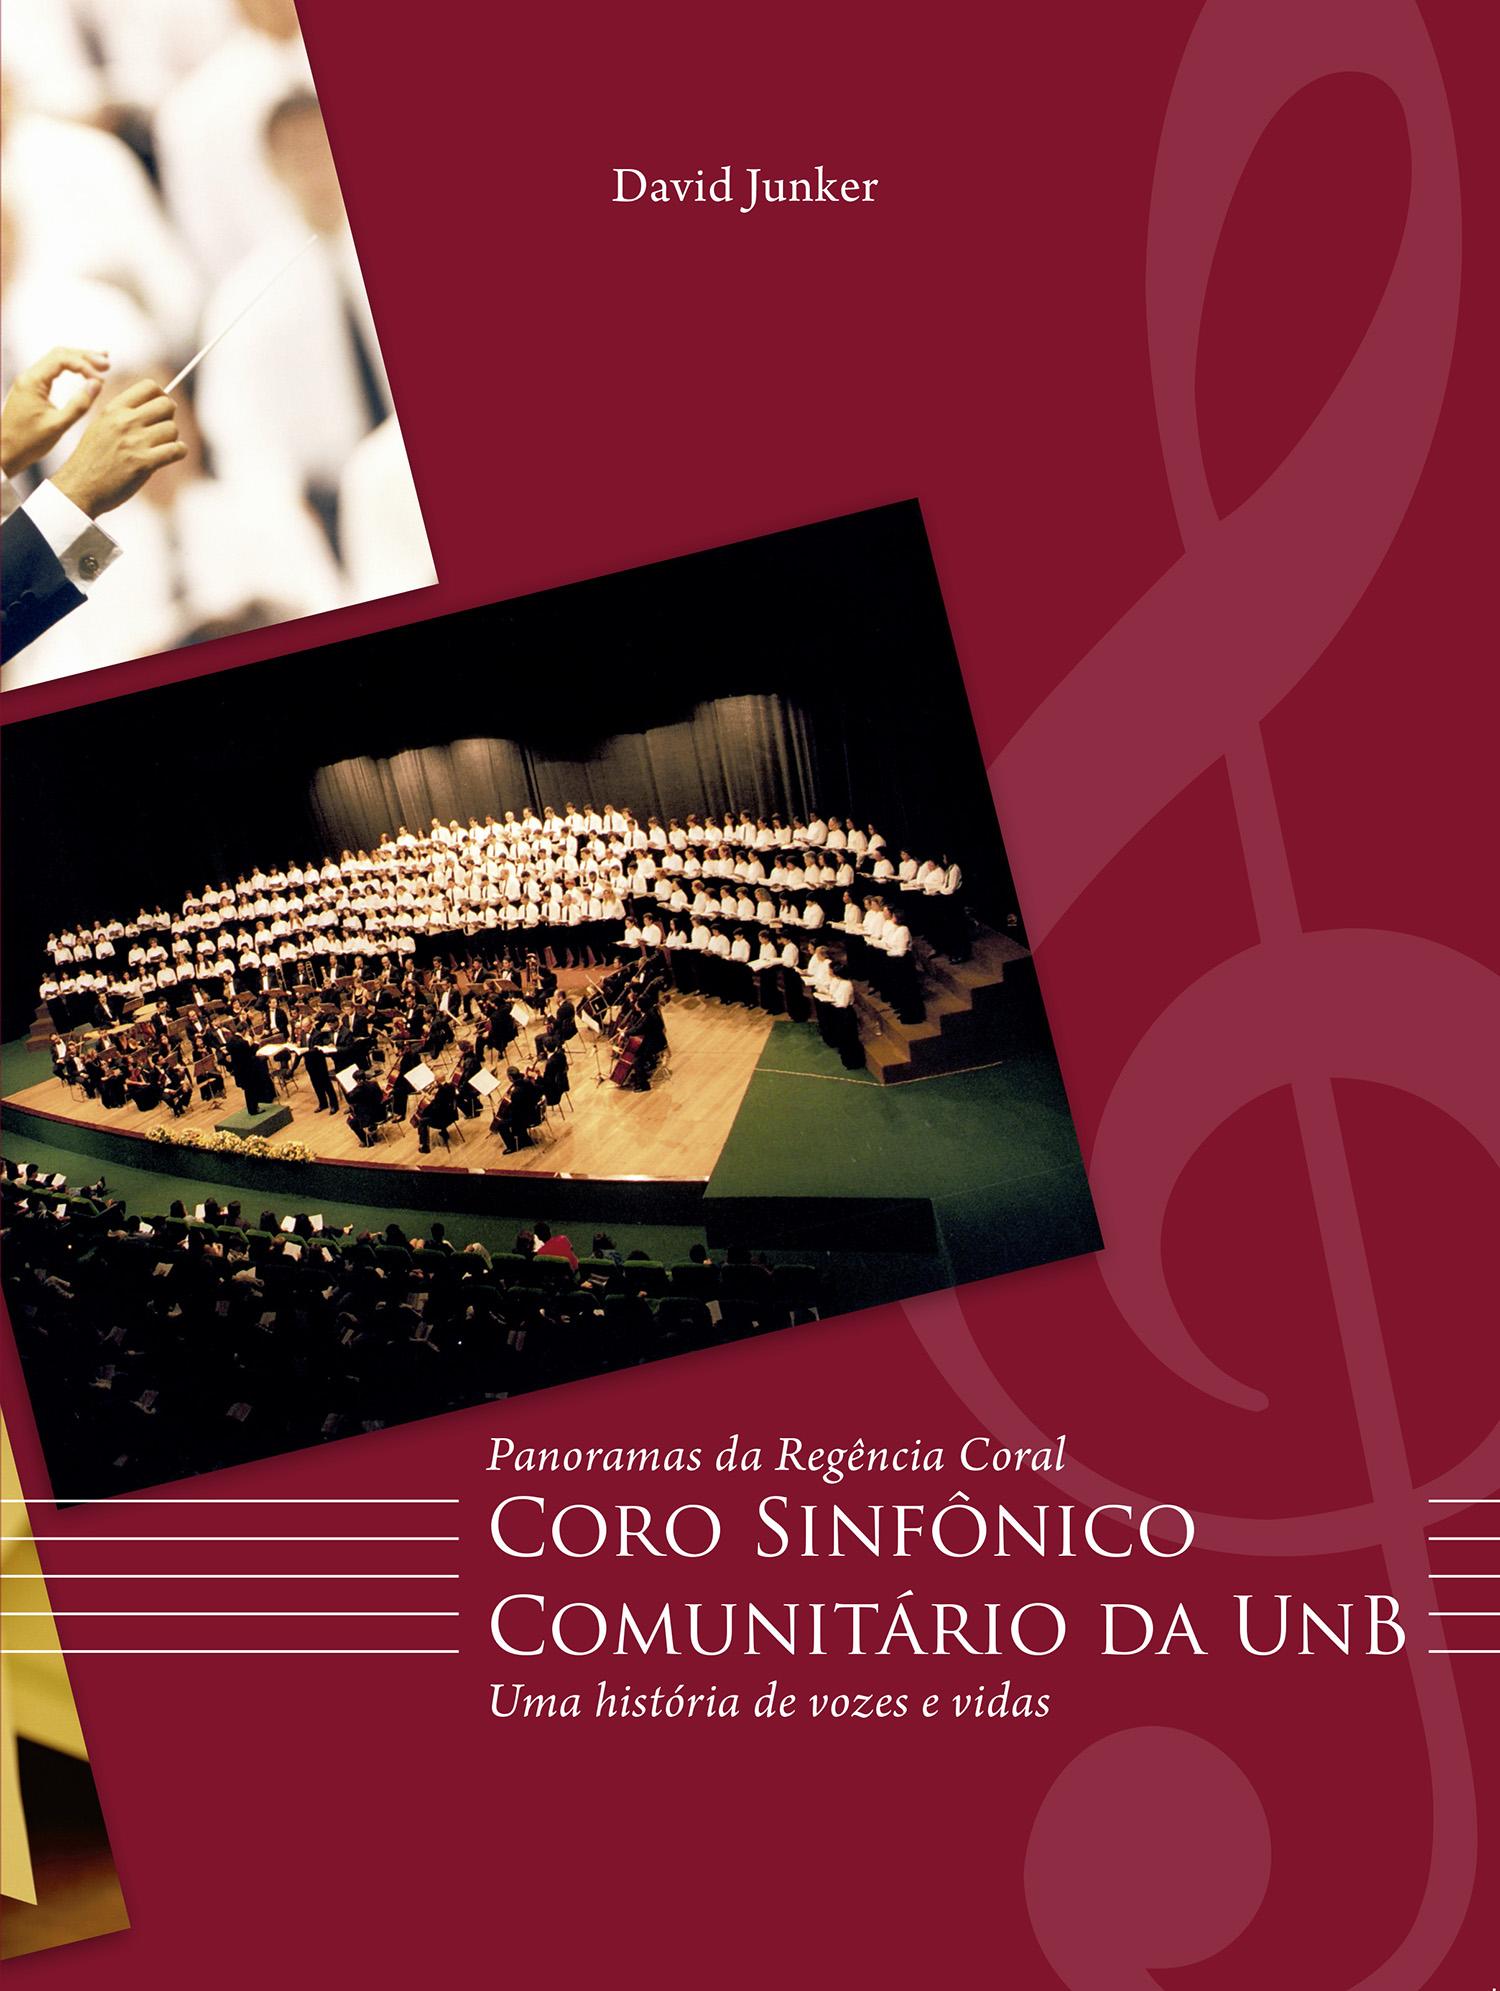 Coro Sinfônico Comunitário da UnB